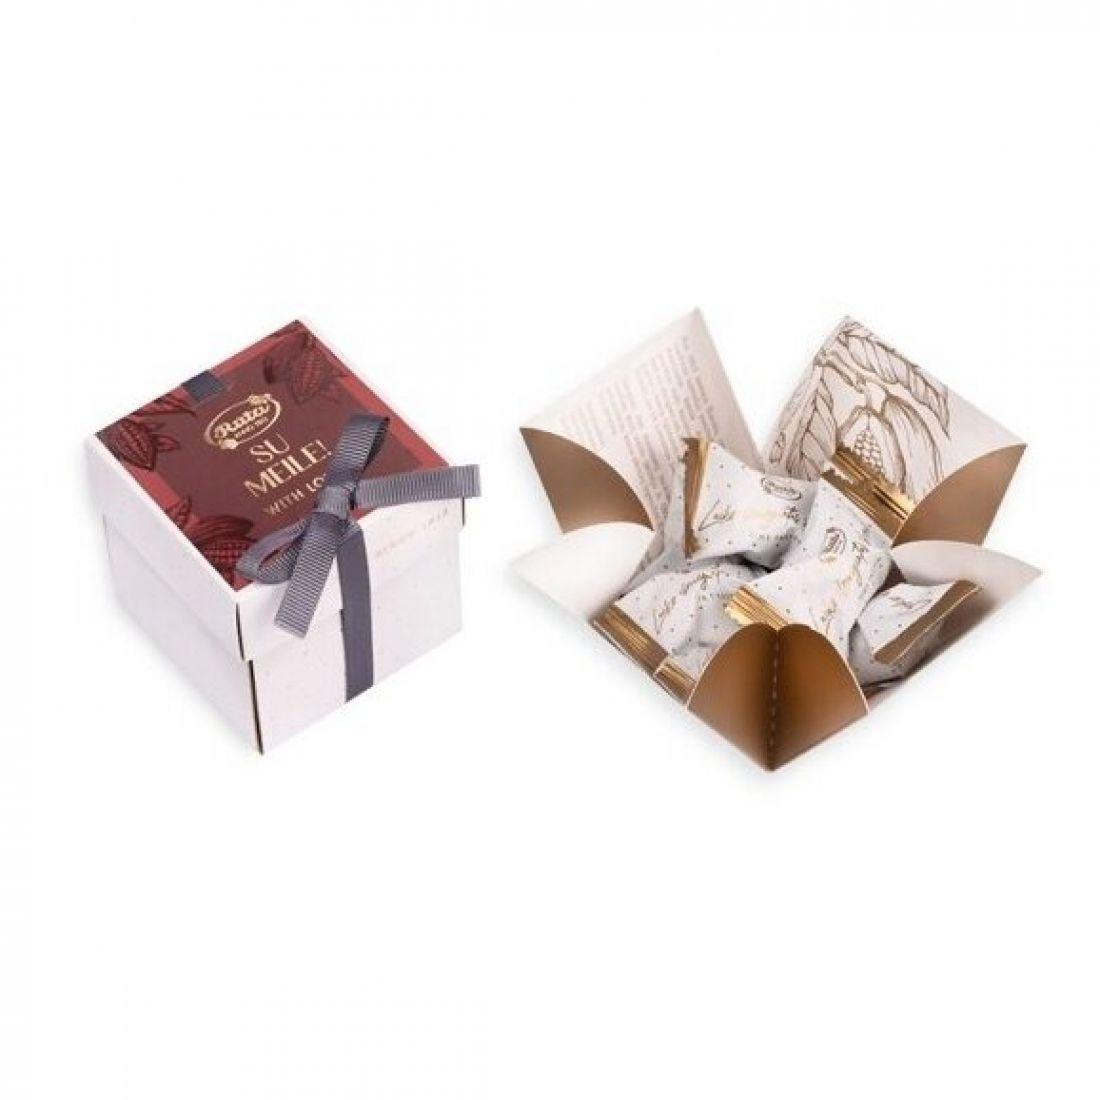 """Šokoladinių saldainių rinkinys """"Rūta 1913"""", SU MEILE!, 88 g"""